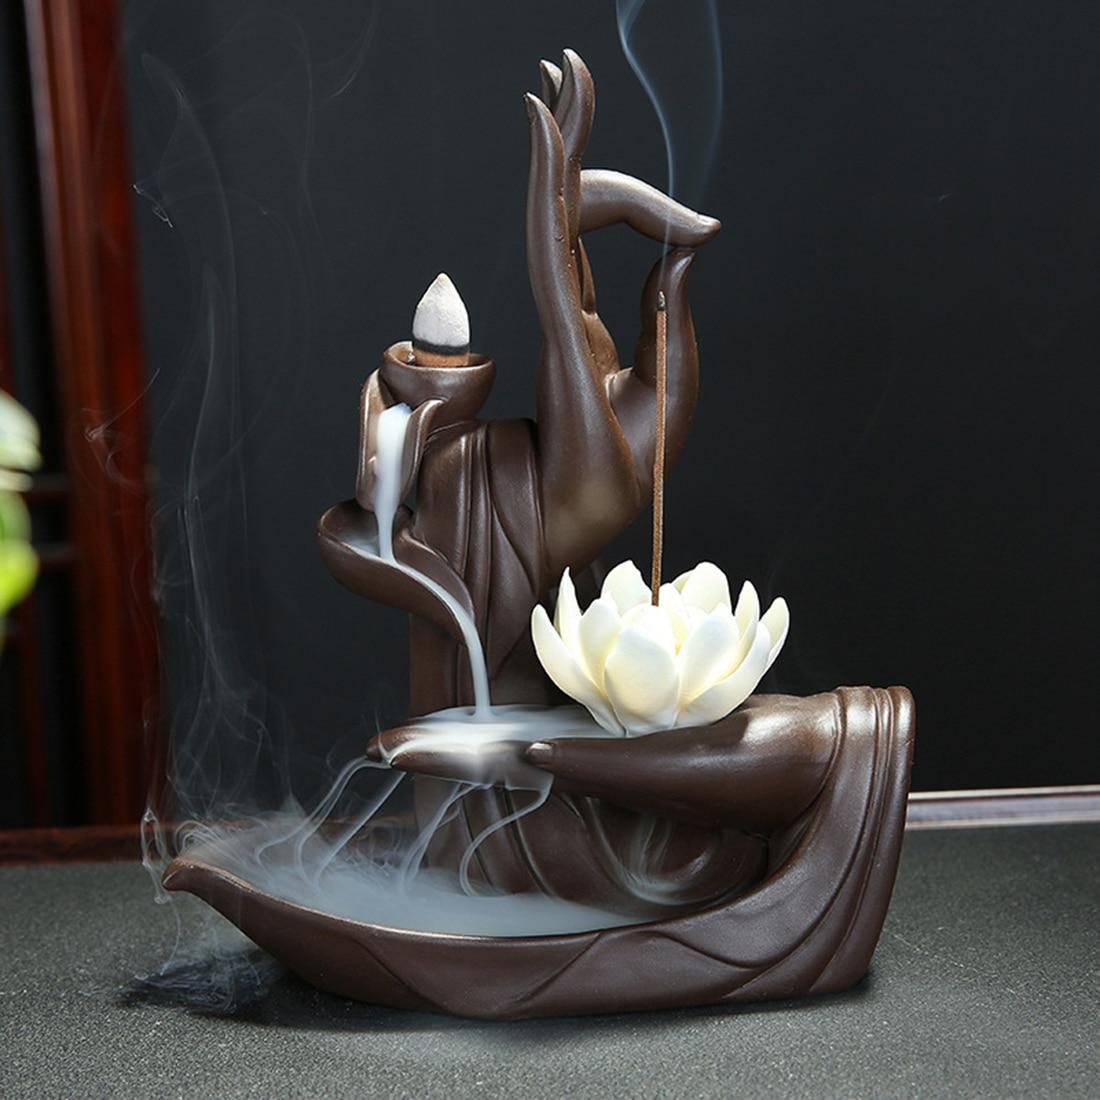 Brûleur d'encens en céramique Tathagata Bouddha Lotus cônes d'encens porte-bâton fumée cascade créative maison Bouddha décor